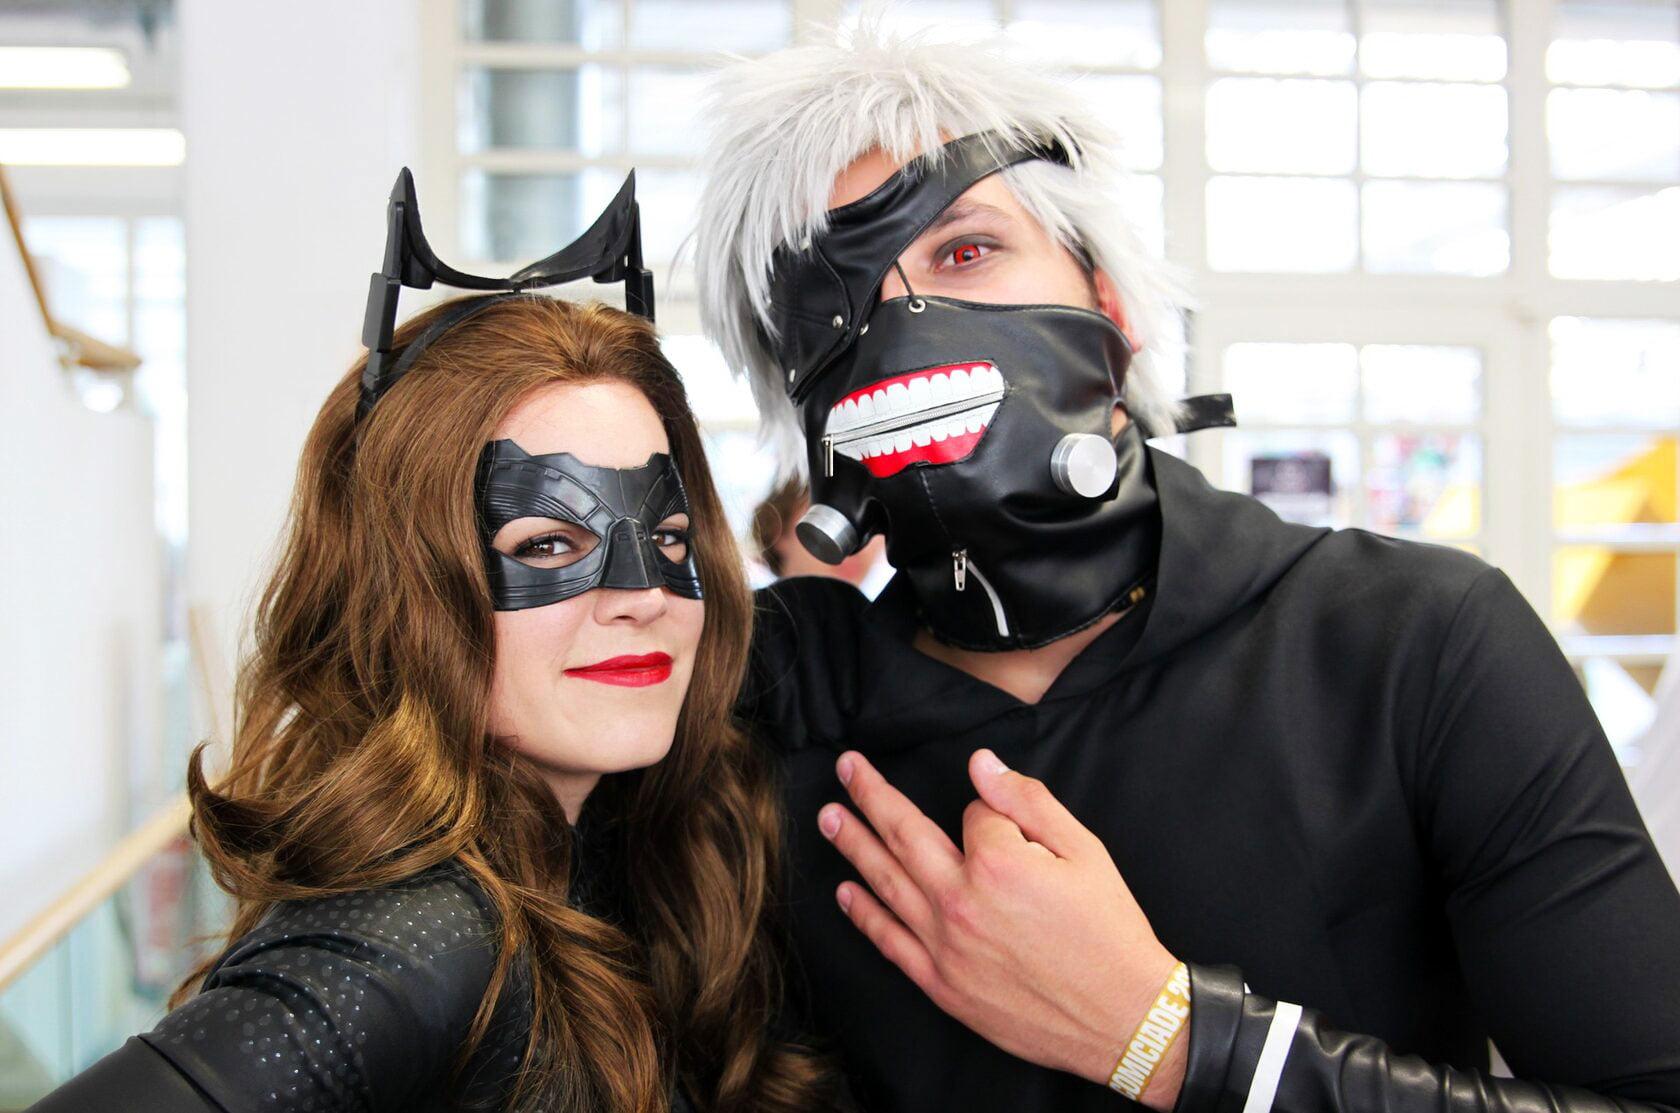 halloween costume ideas 16 8